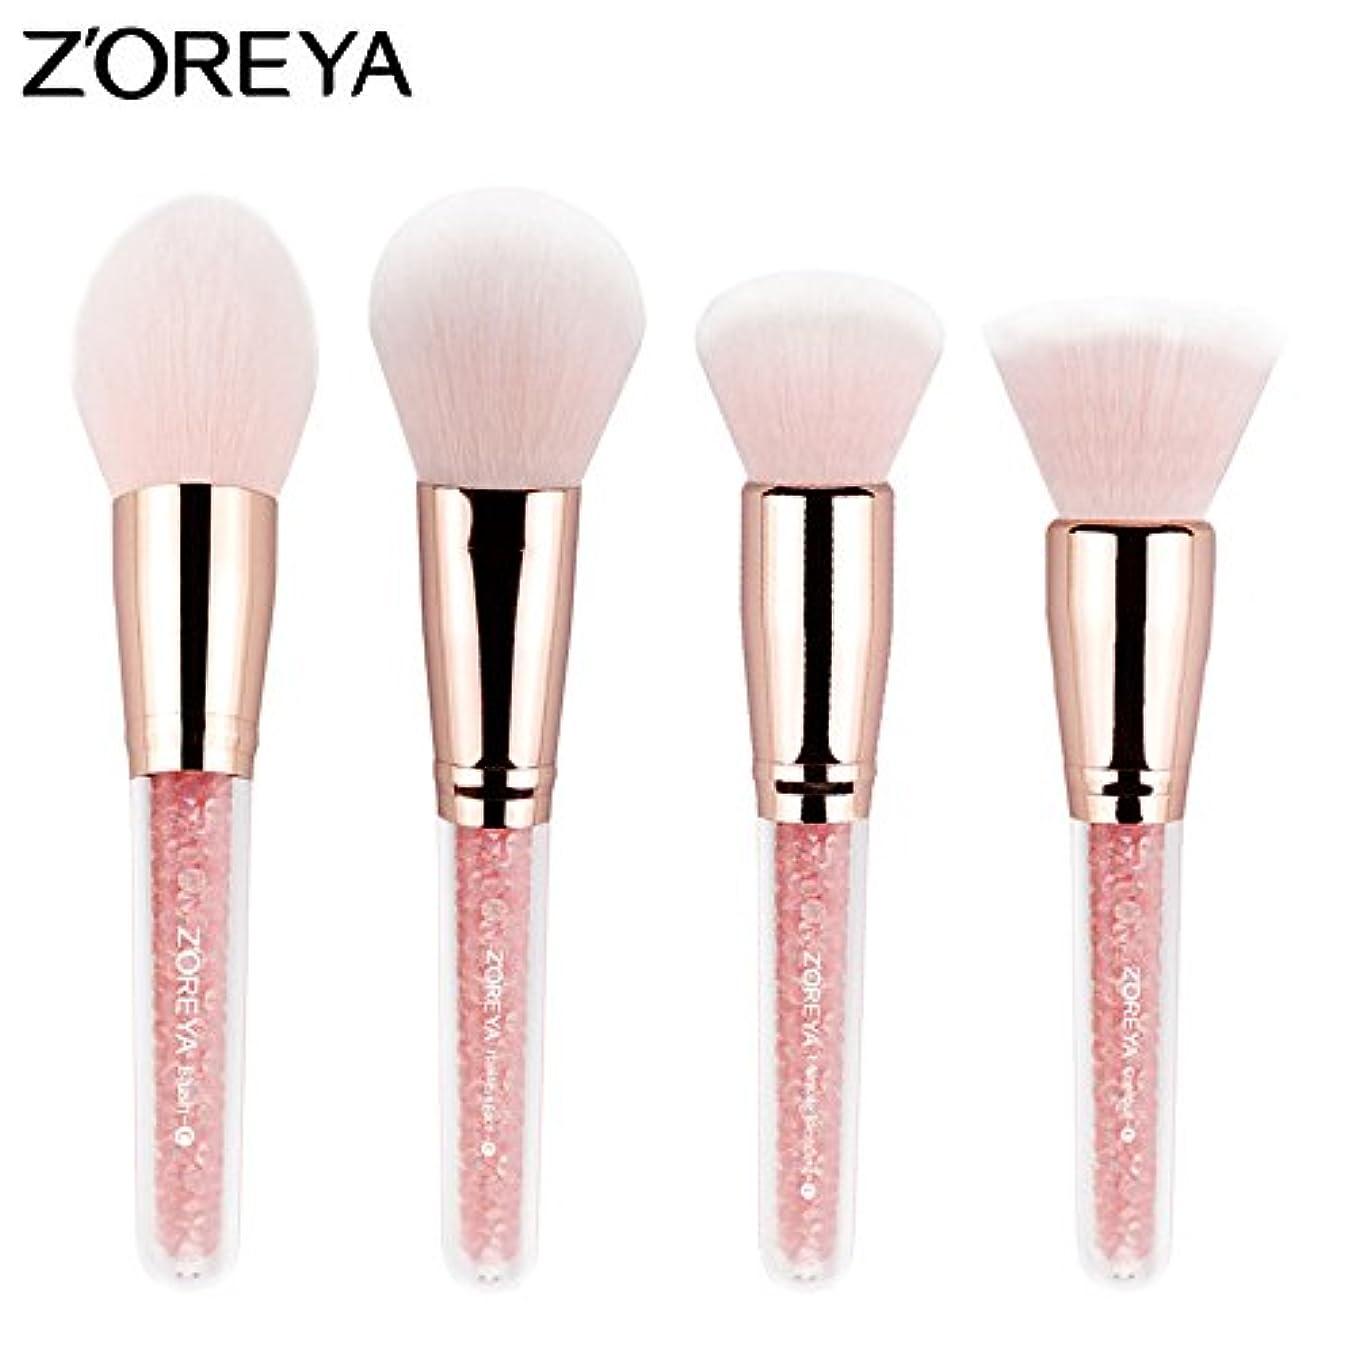 サーキットに行く松の木絶縁するAkane 4本 ZOREYA ピンク 可愛い 高級 柔らかい 桜 サクラ たっぷり 上等な使用感 優雅 綺麗 魅力 多機能 激安 日常 仕事 おしゃれ Makeup Brush メイクアップブラシ